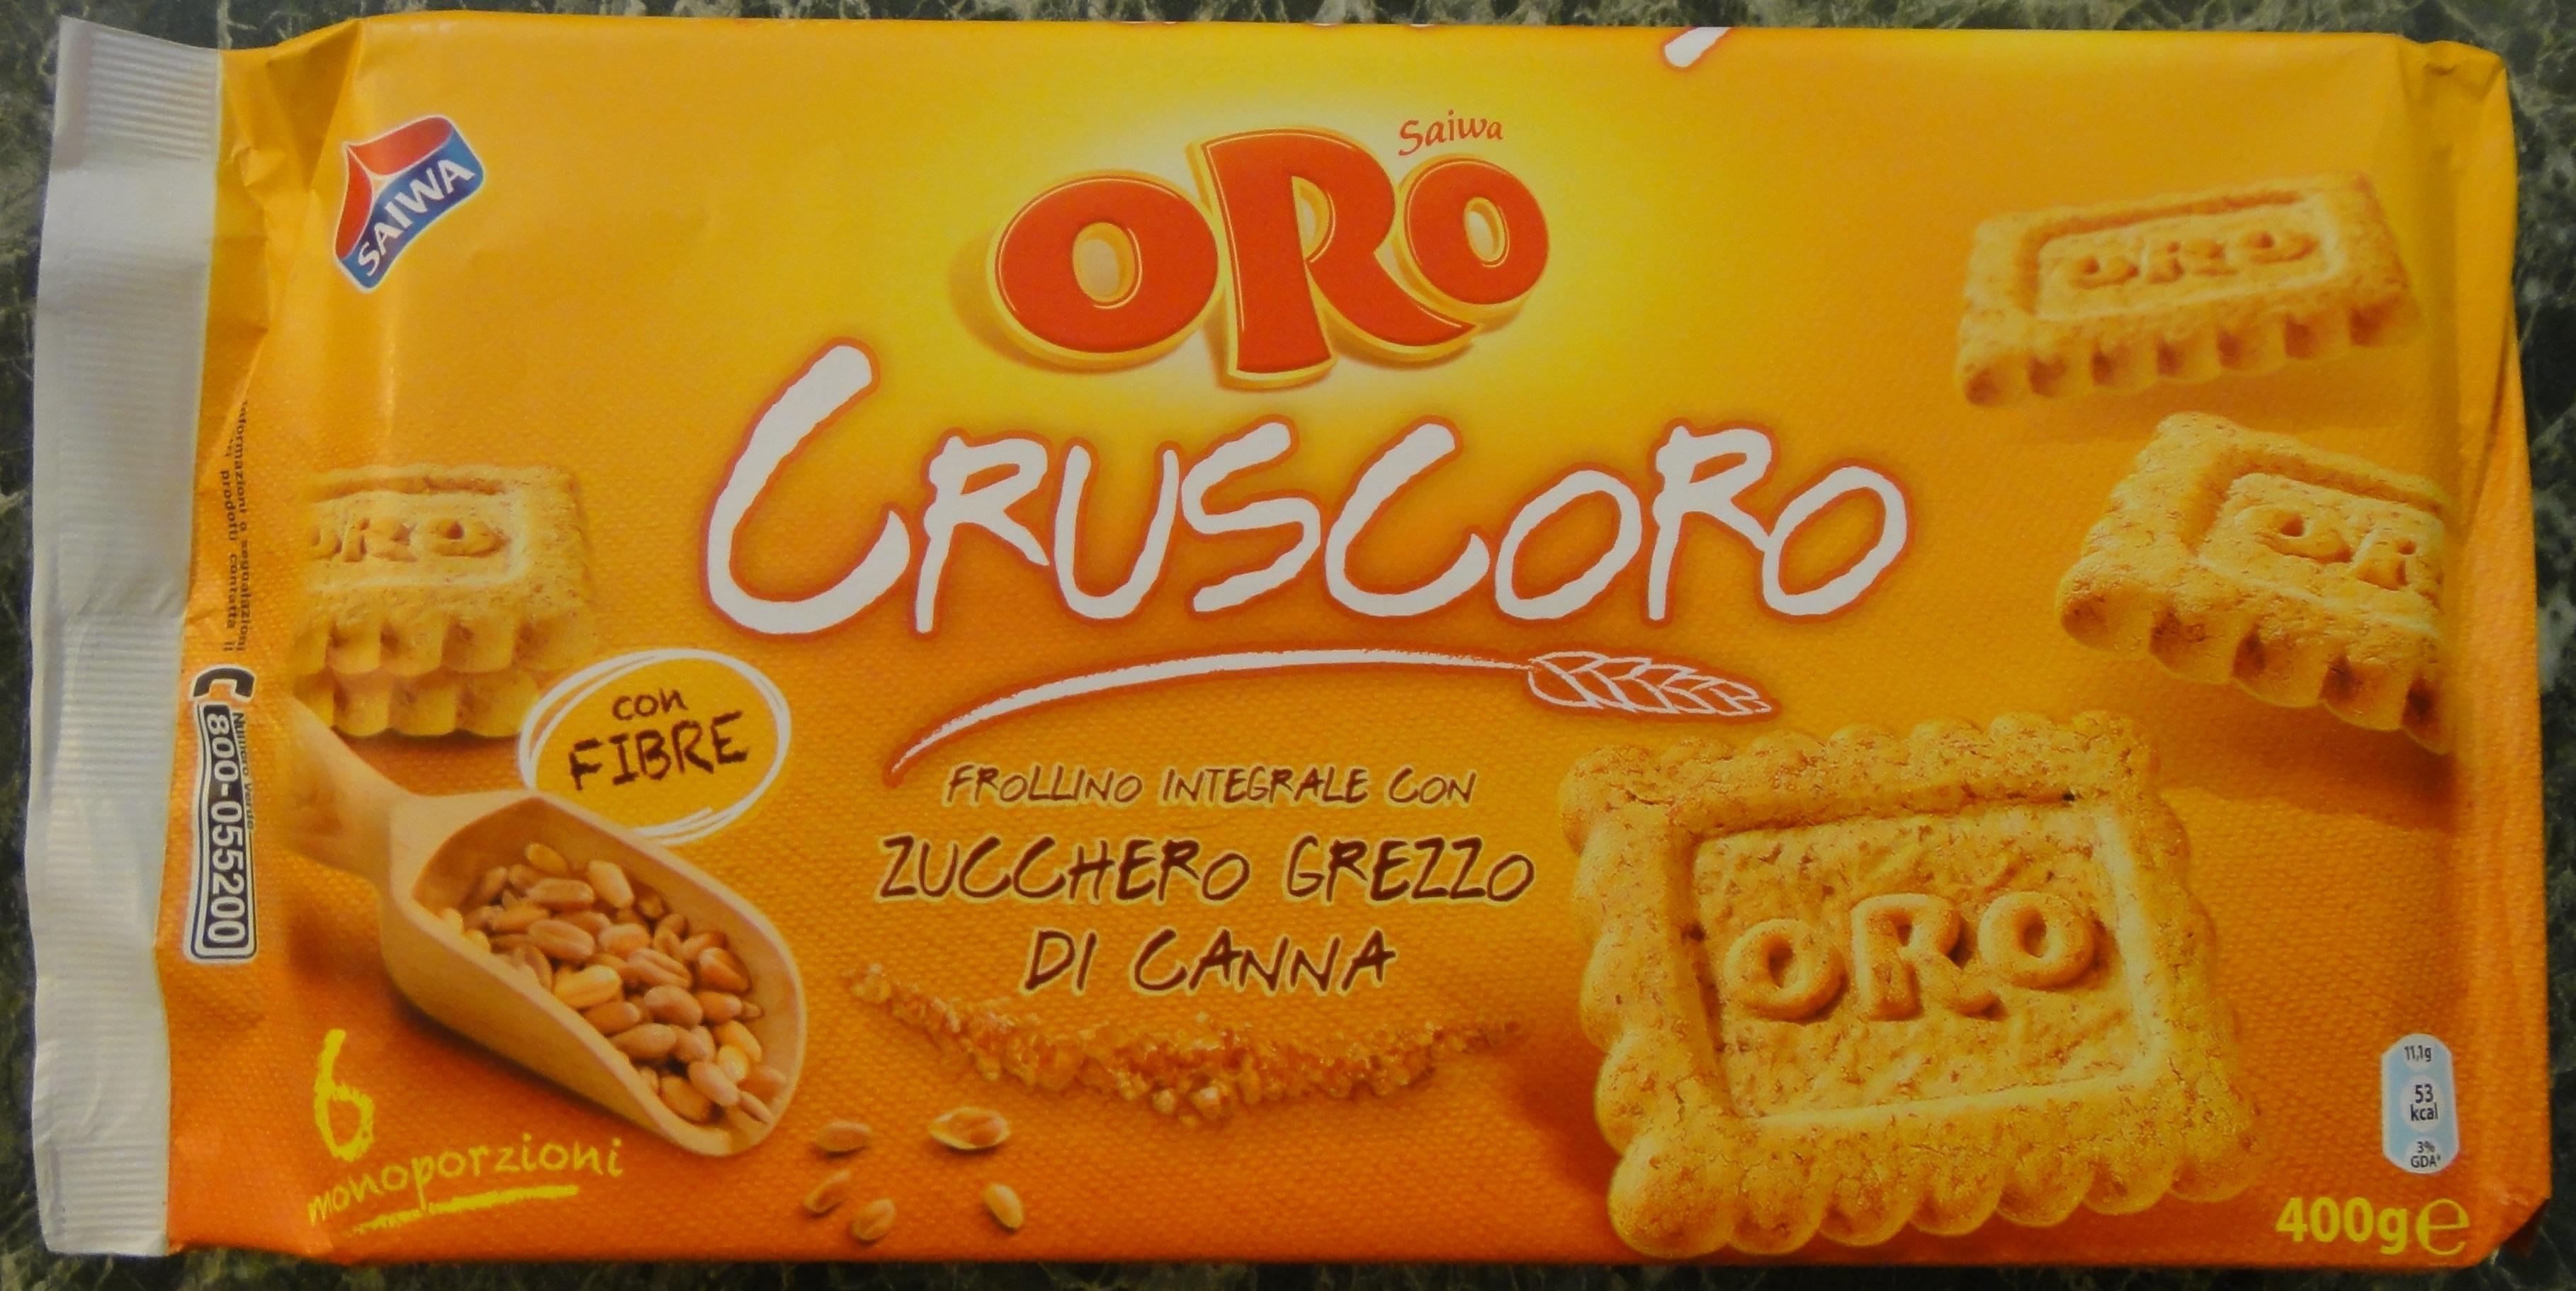 Cruscoro – Oro Saiva con fibre